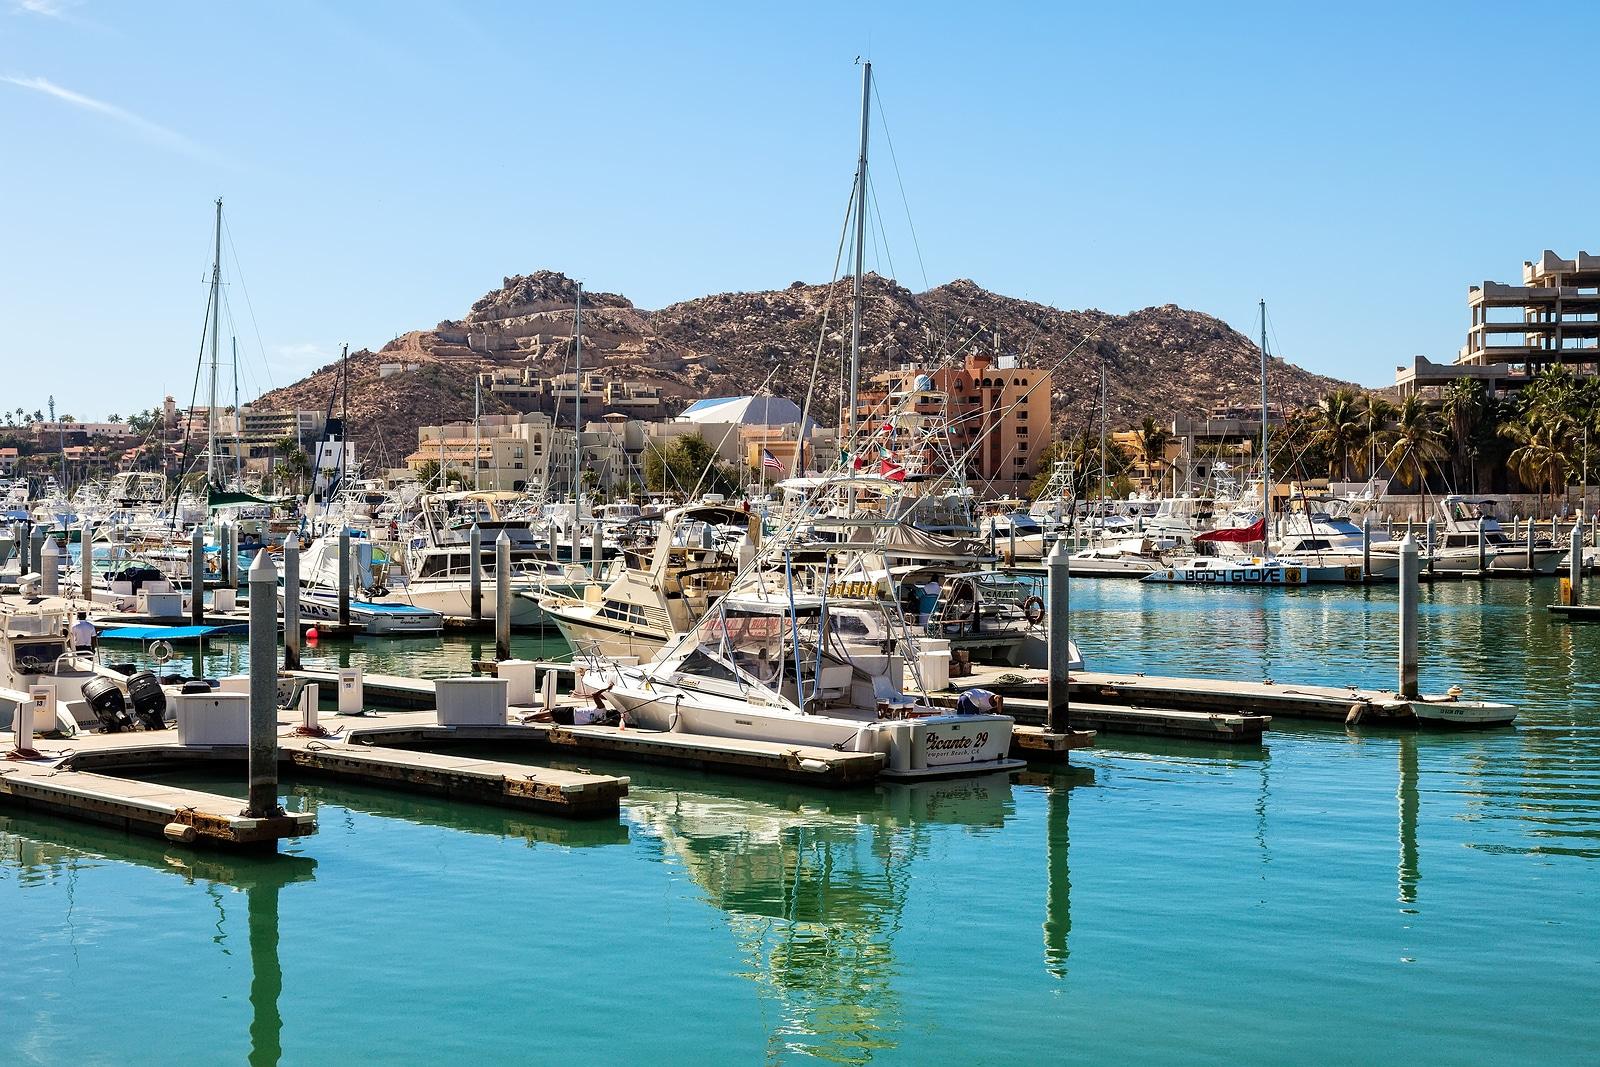 Visite la Zona Dorada en la Marina de Cabo San Lucas